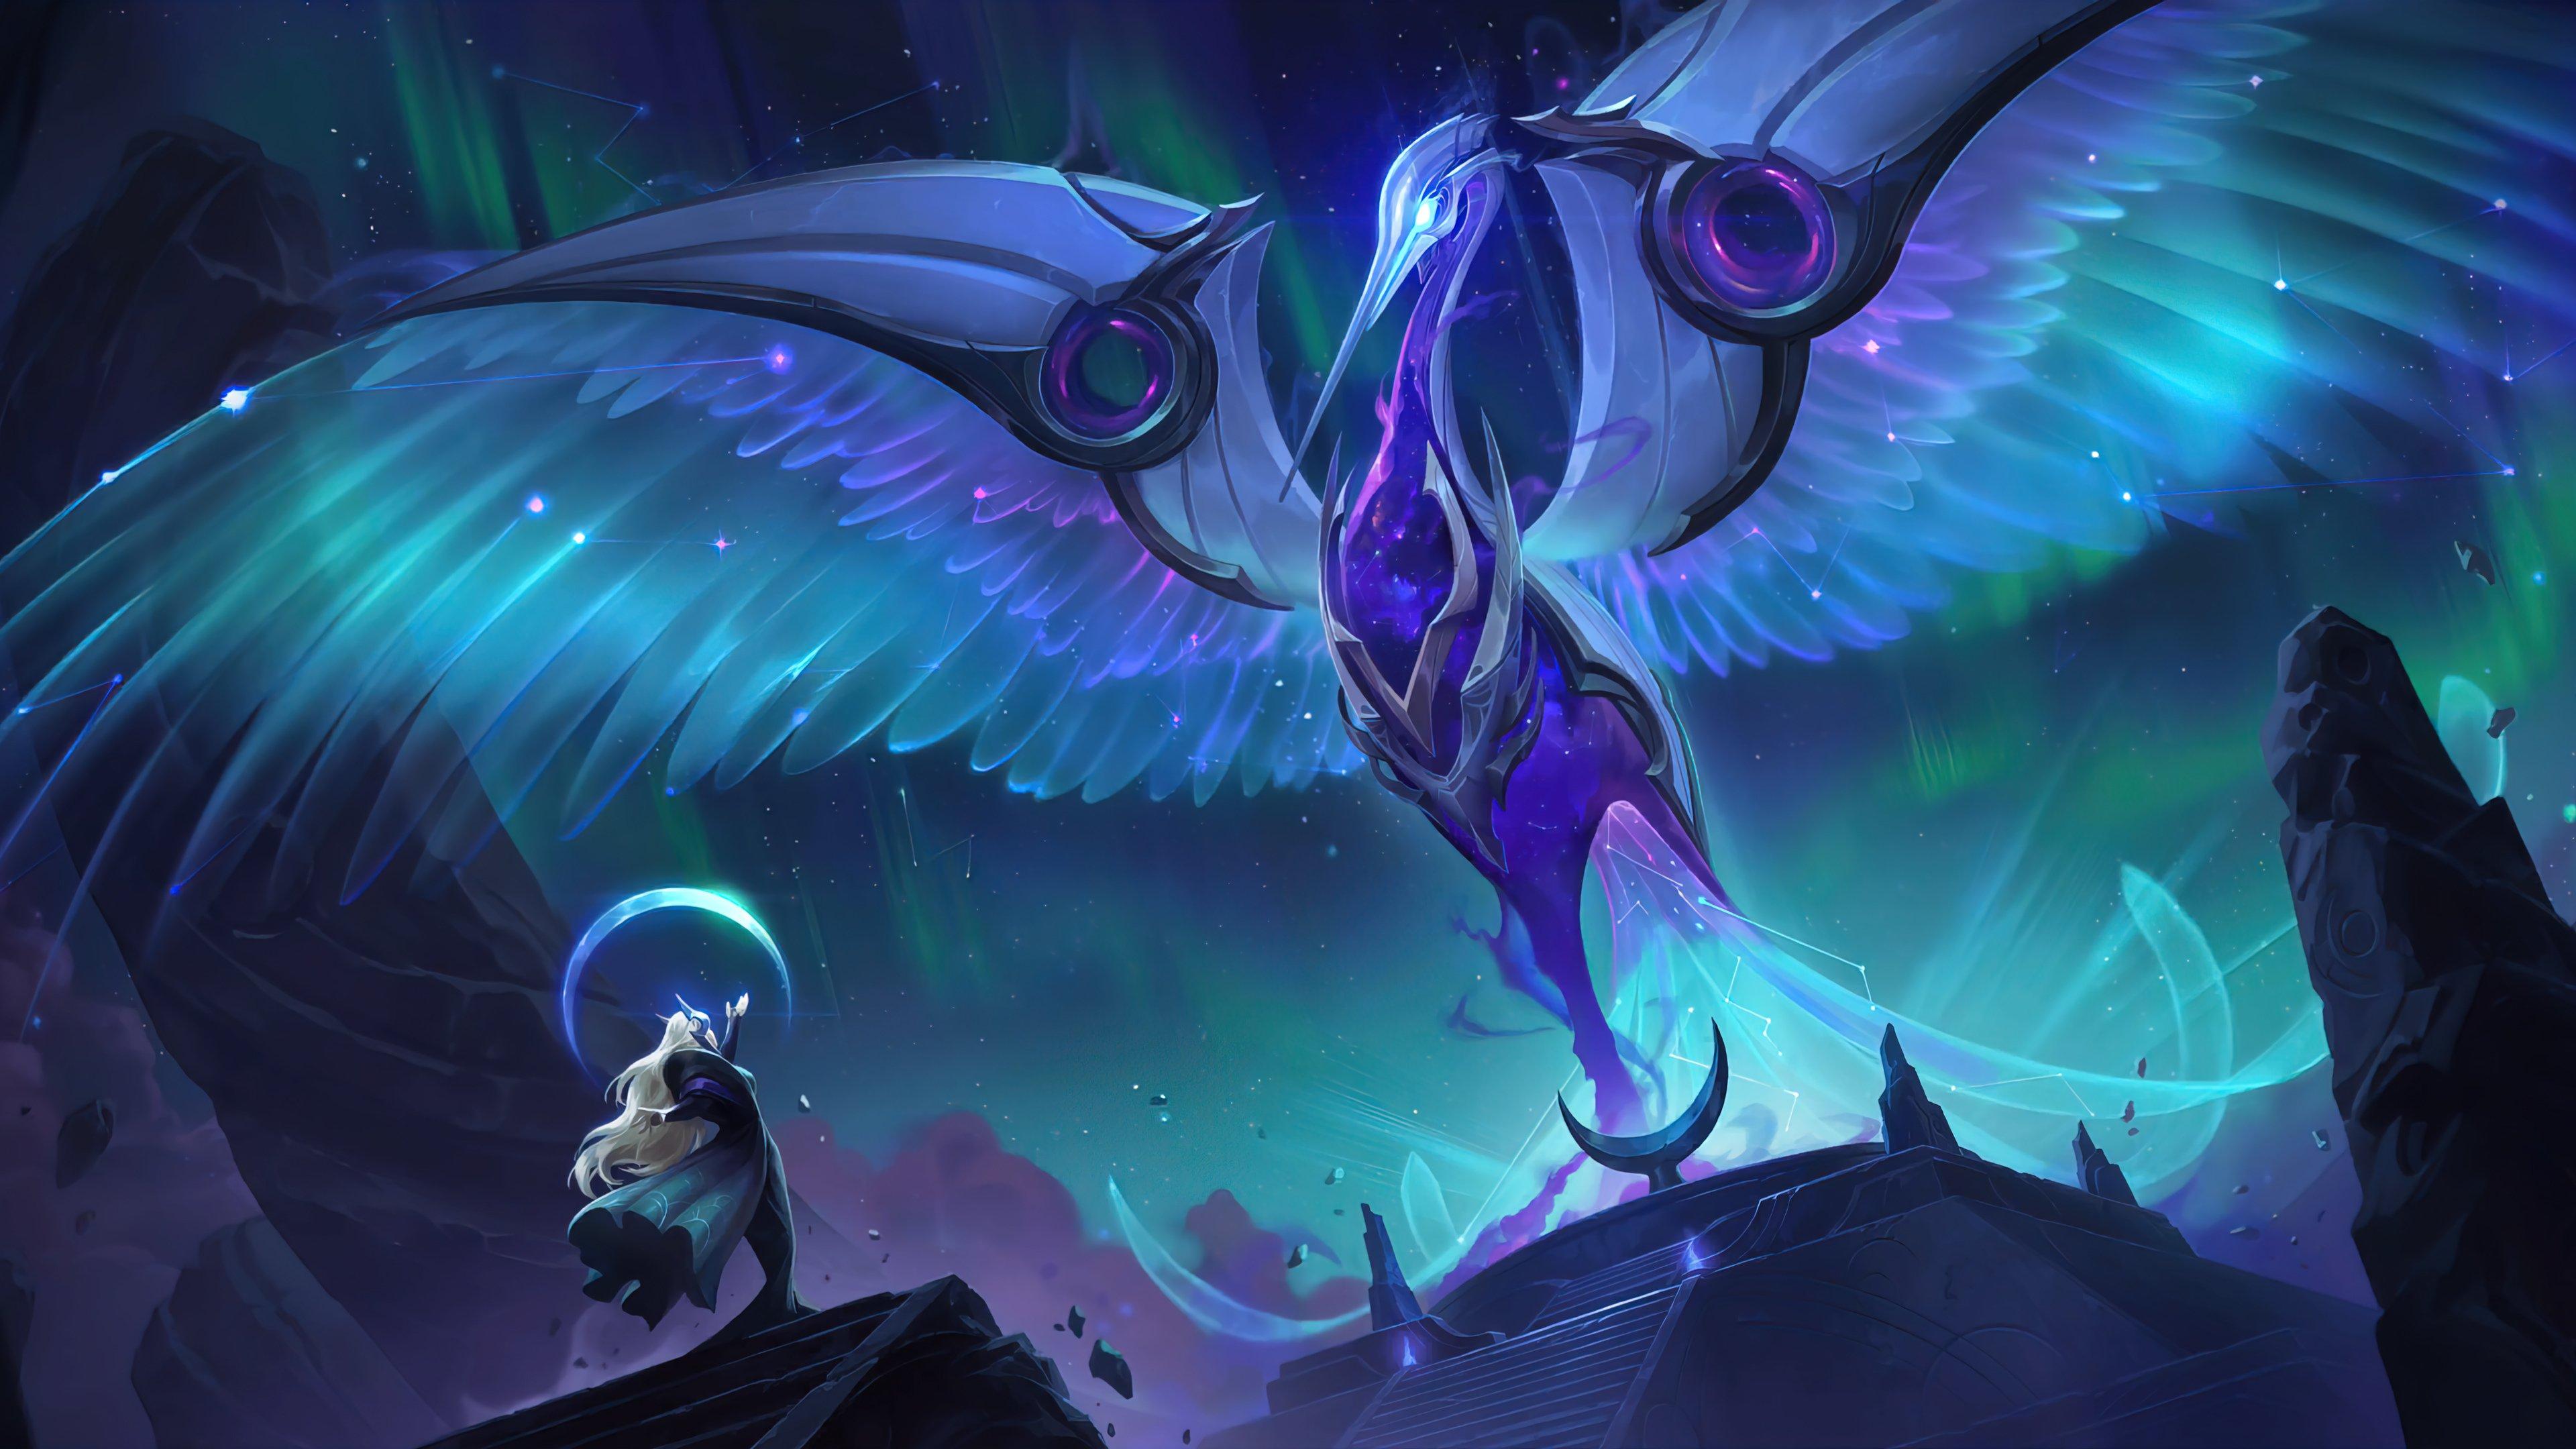 Wallpaper The flight Legends of Runeterra